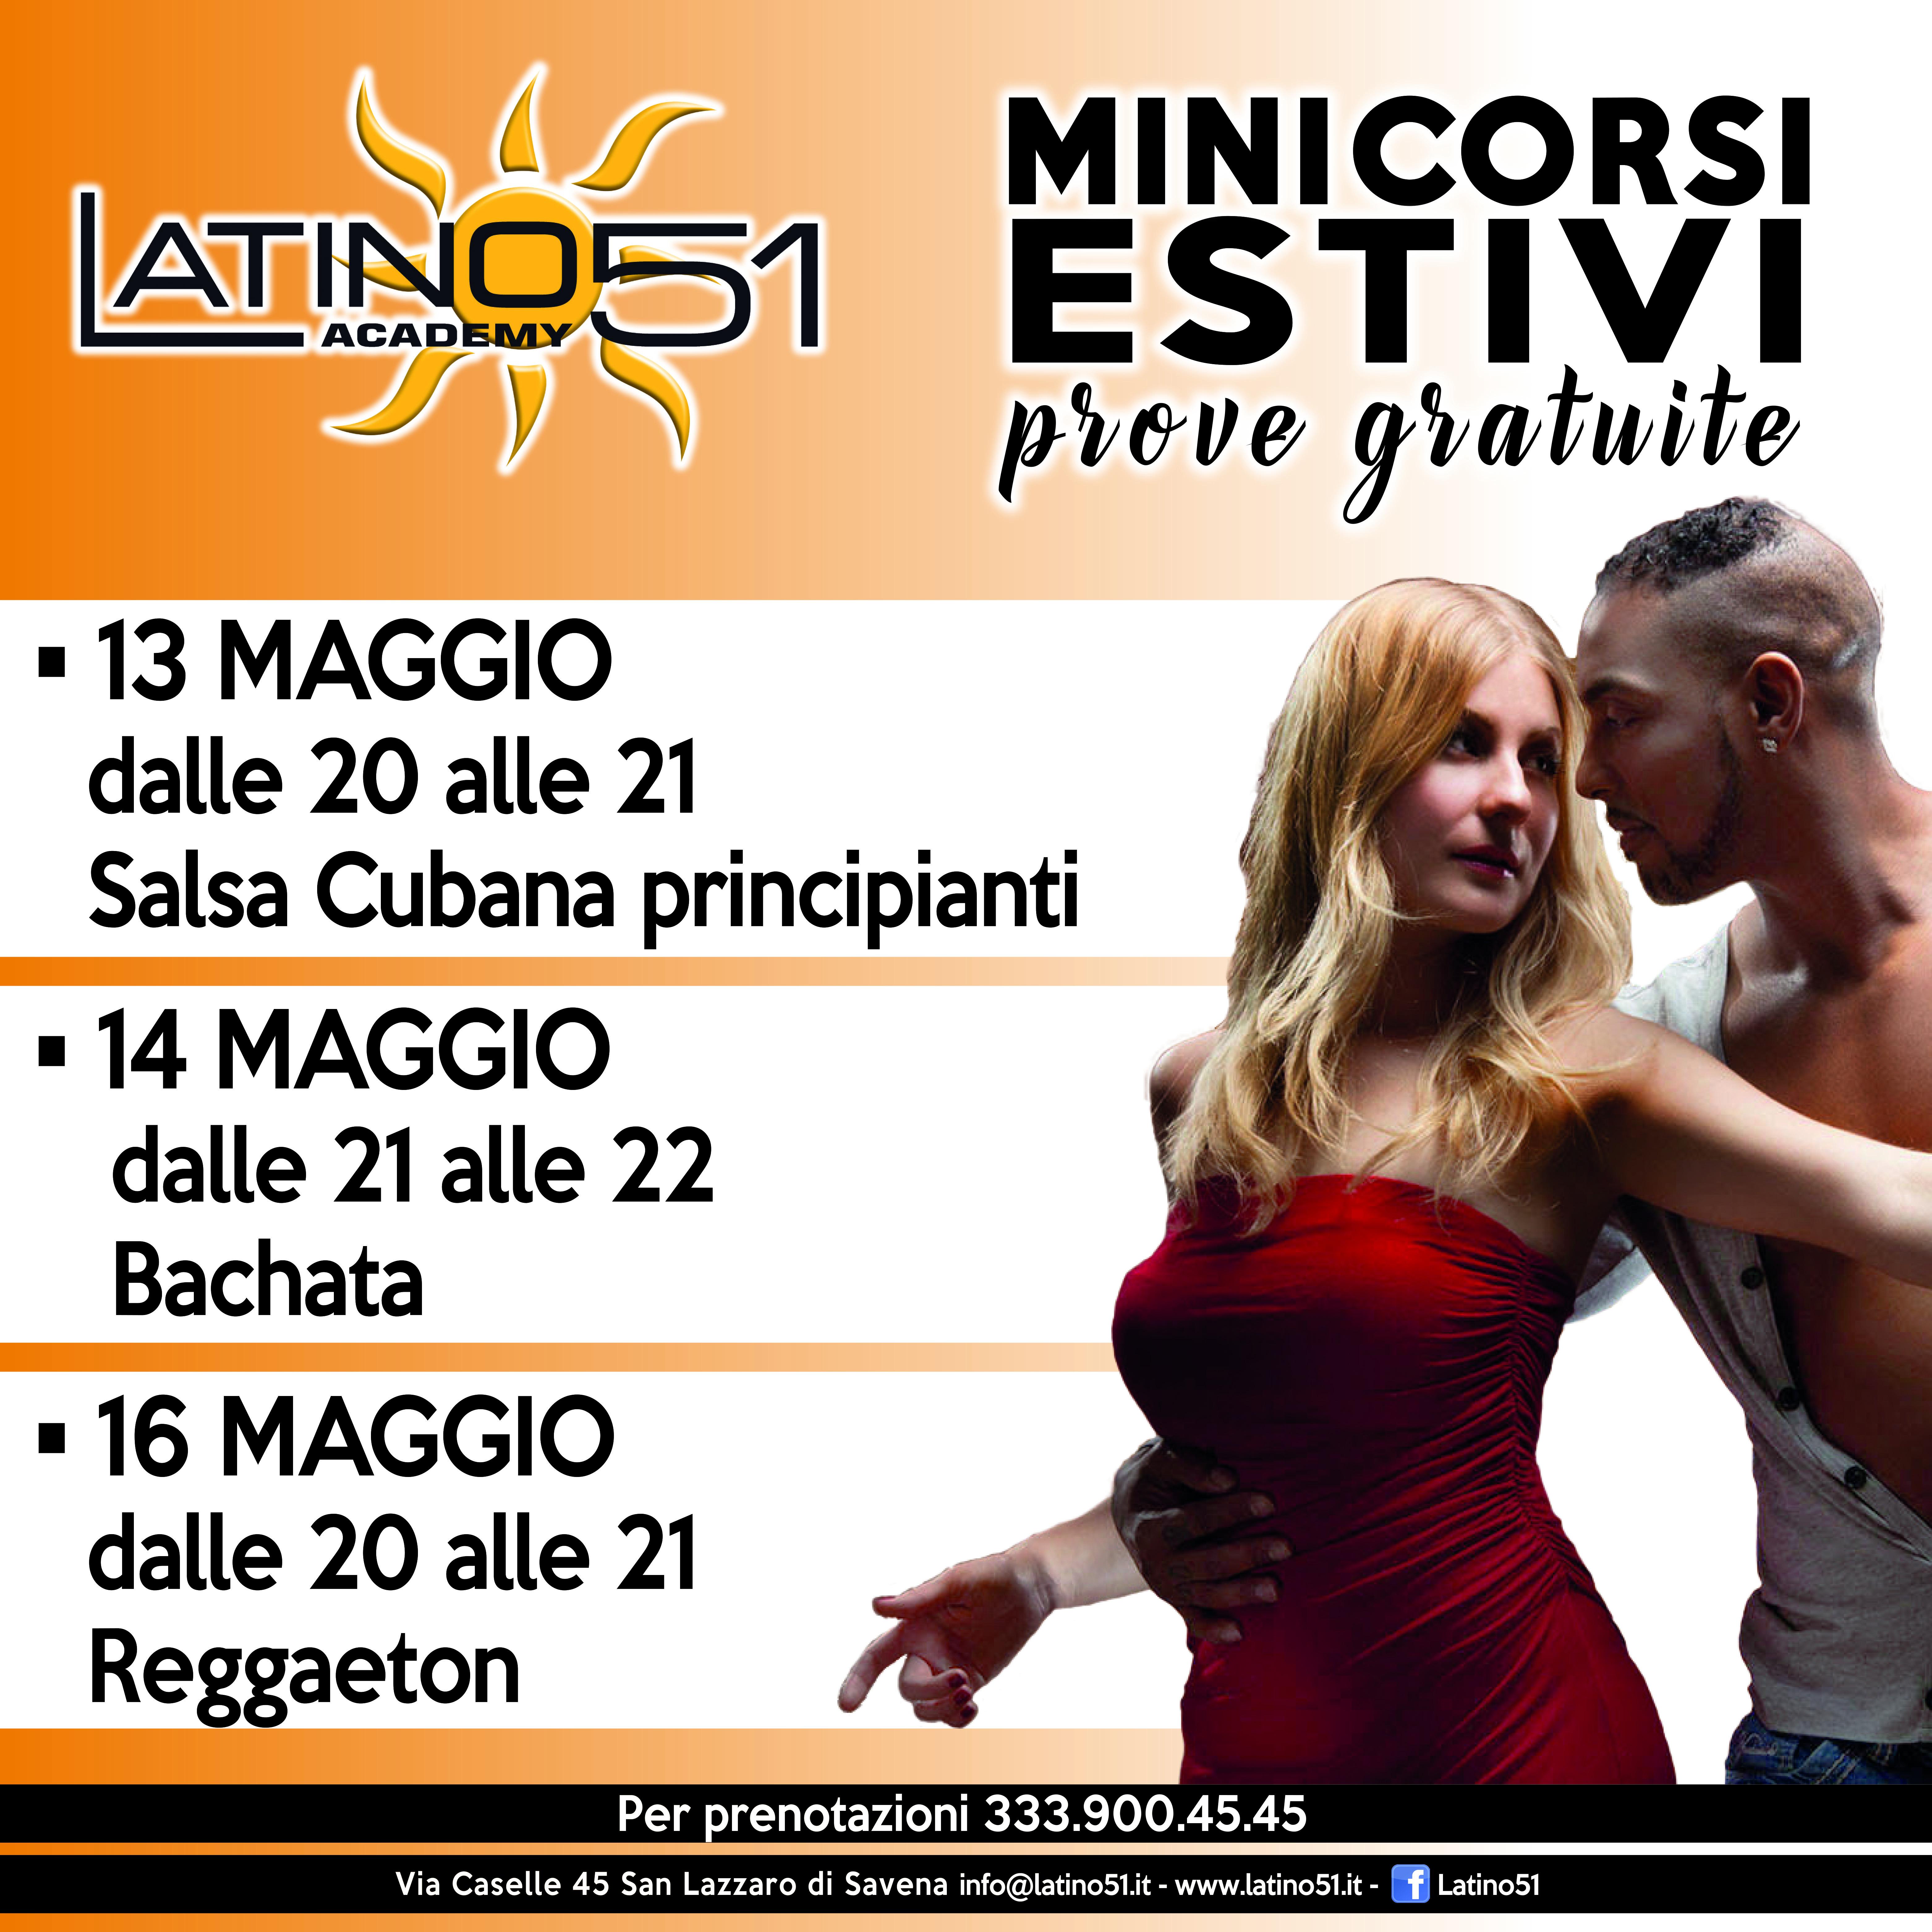 Mini corsi estivi Latino51 Bologna